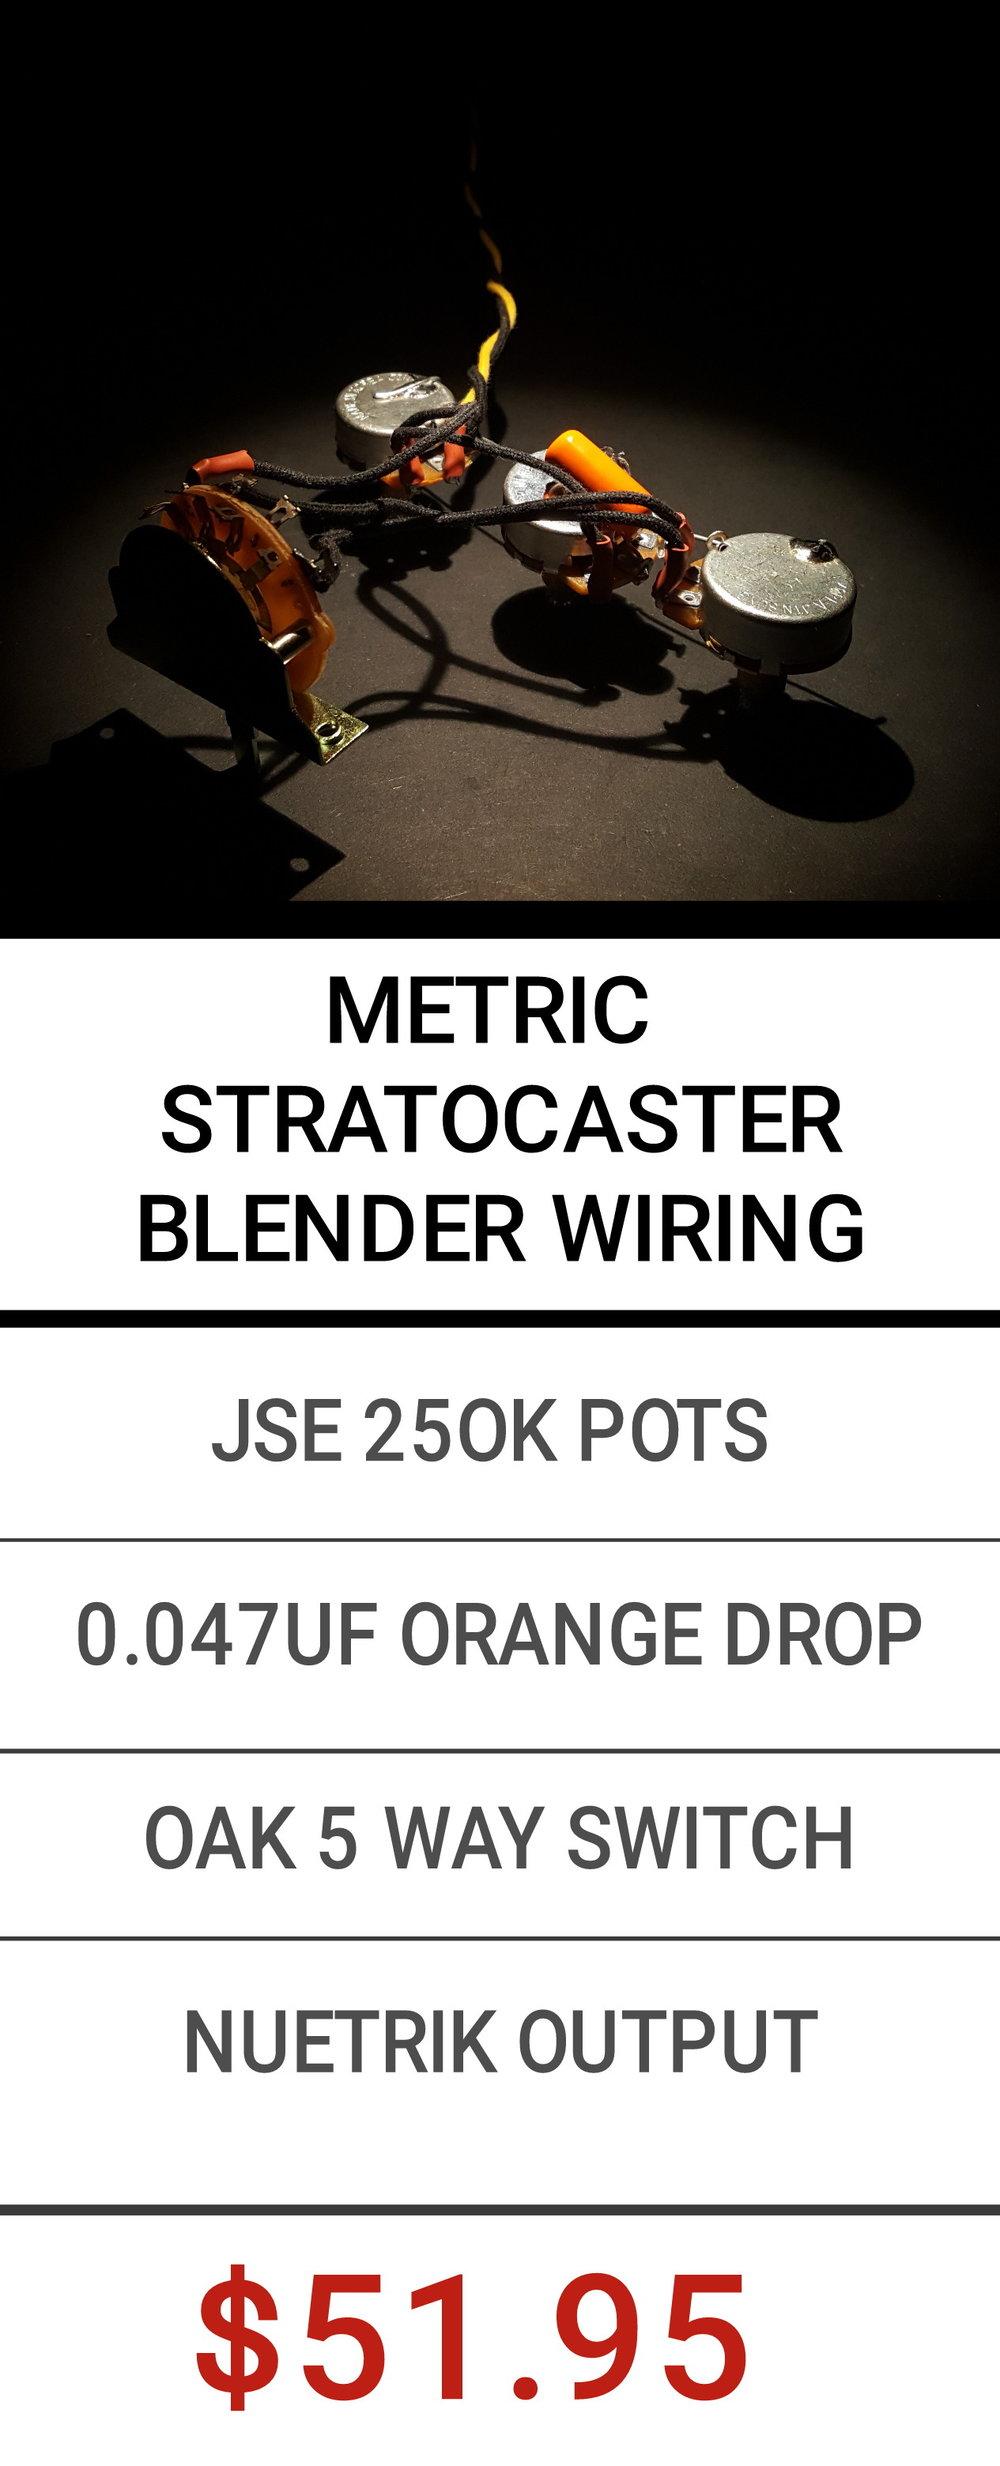 stratocaster blender wiring